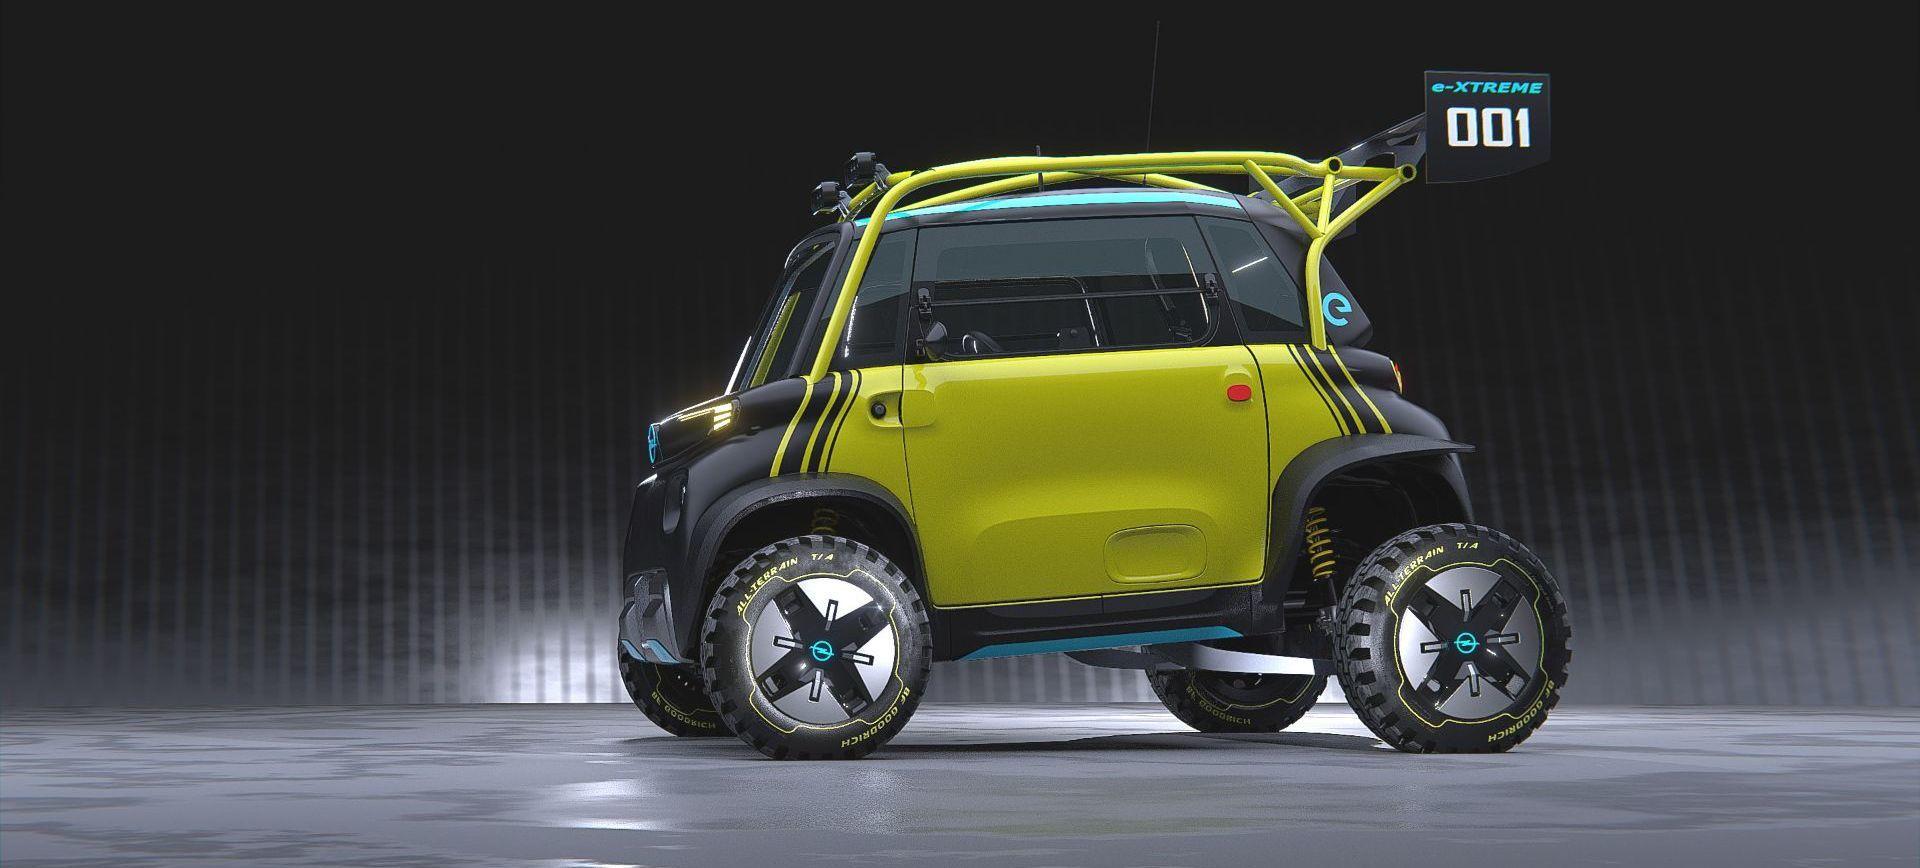 Opel Rocks E E Xtreme P